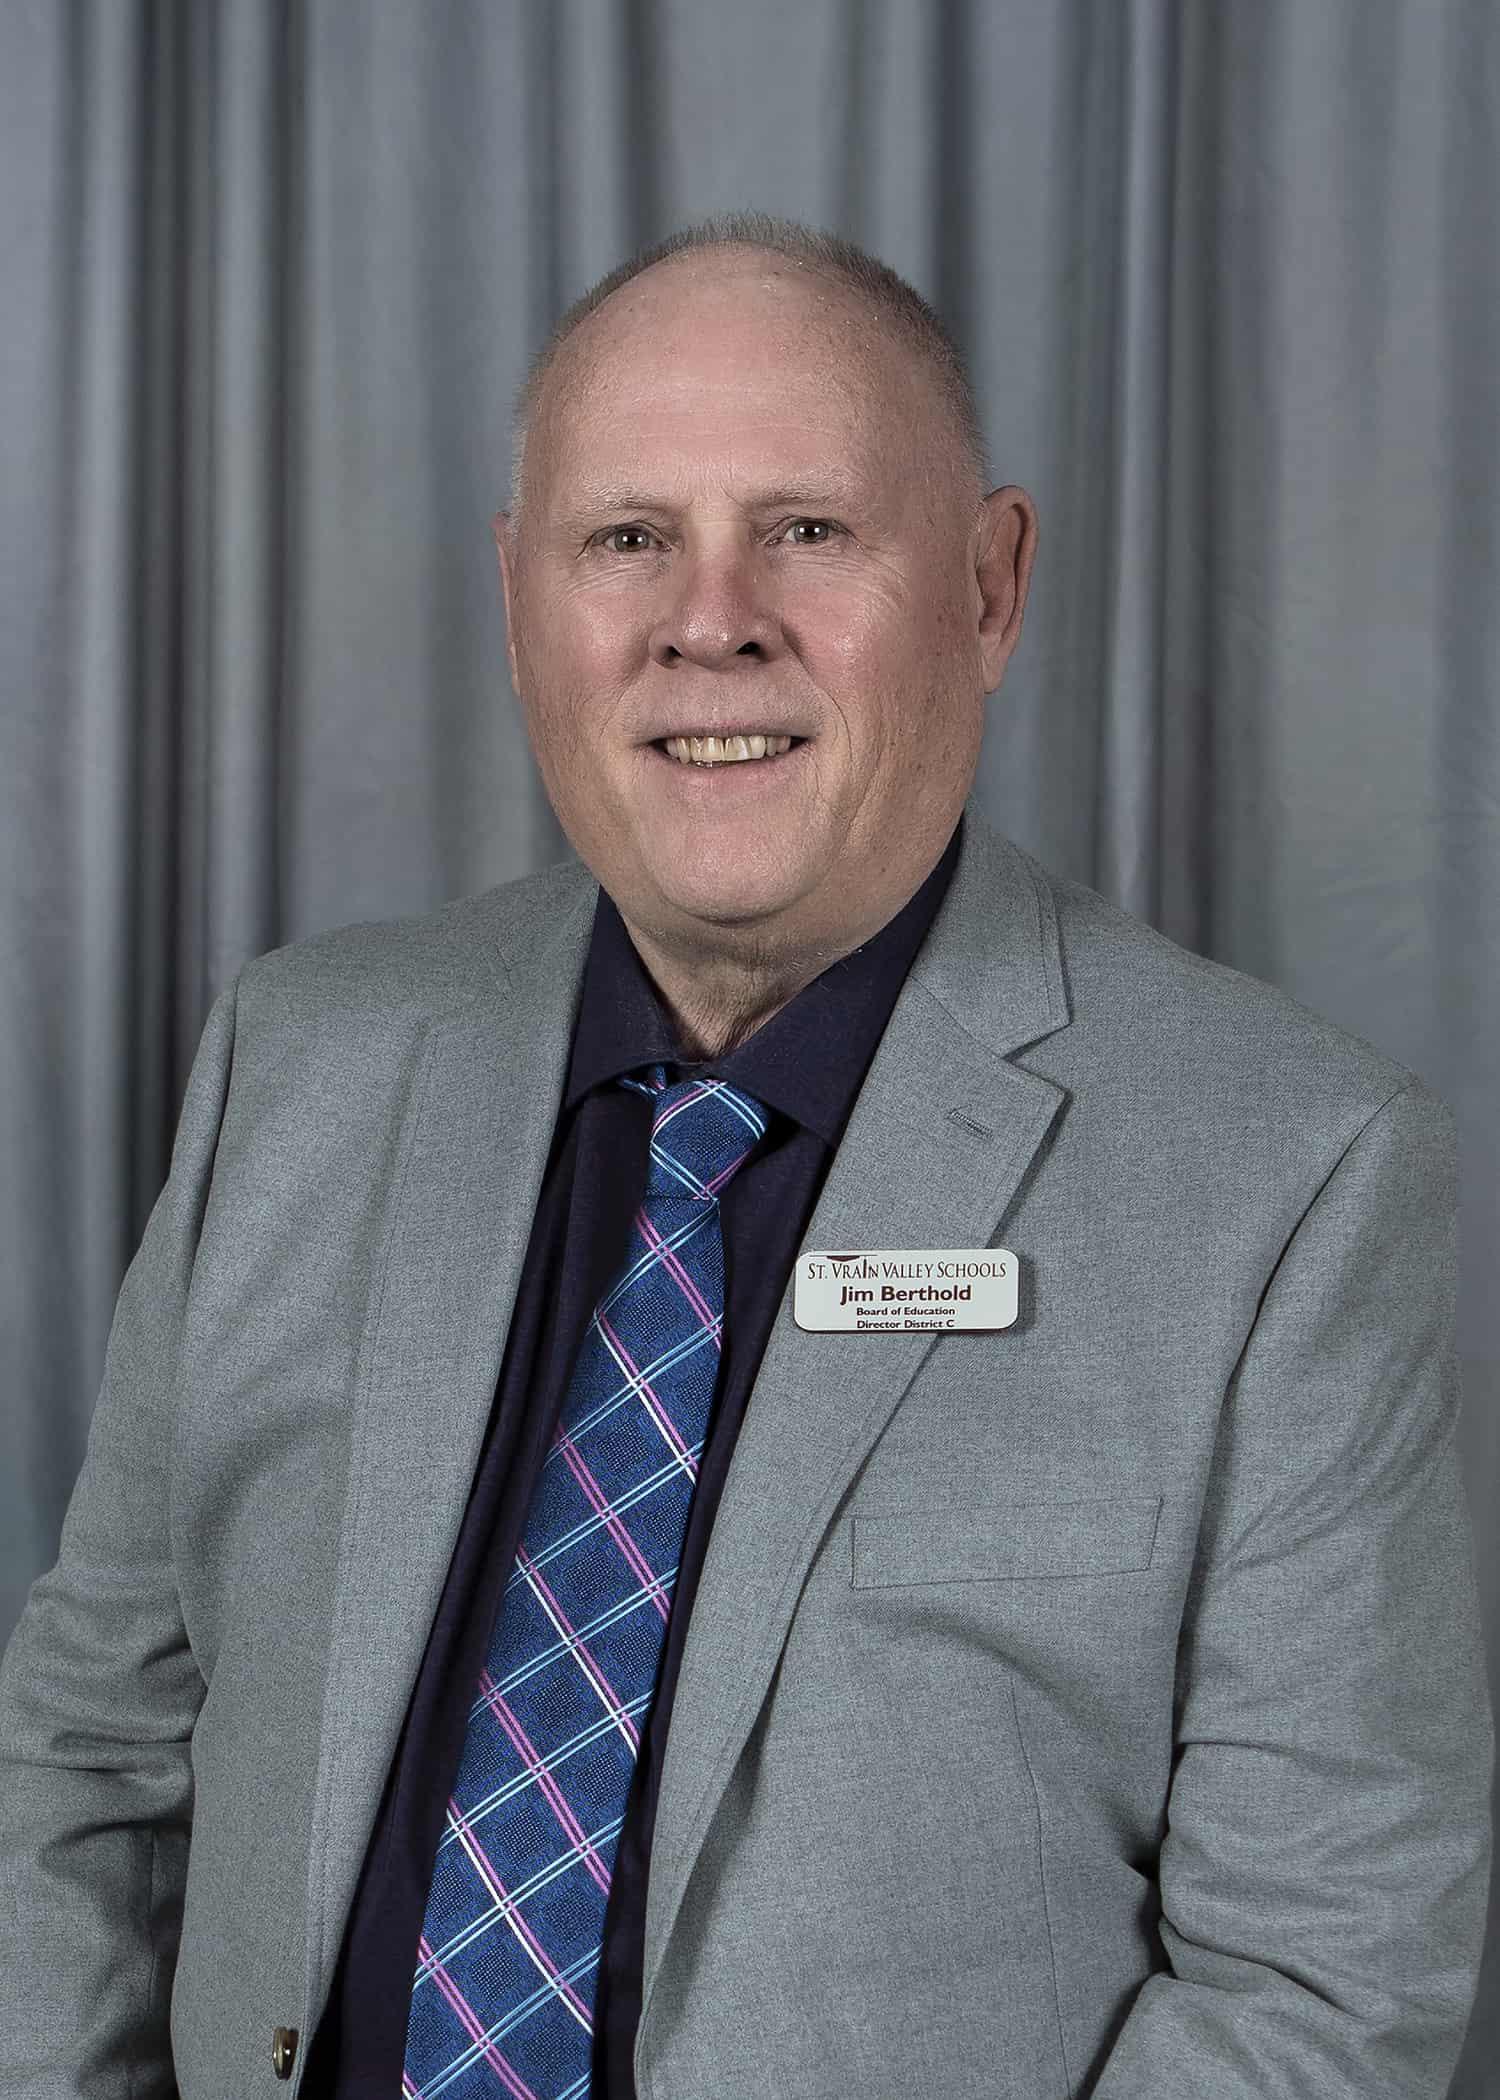 Jim Berthold